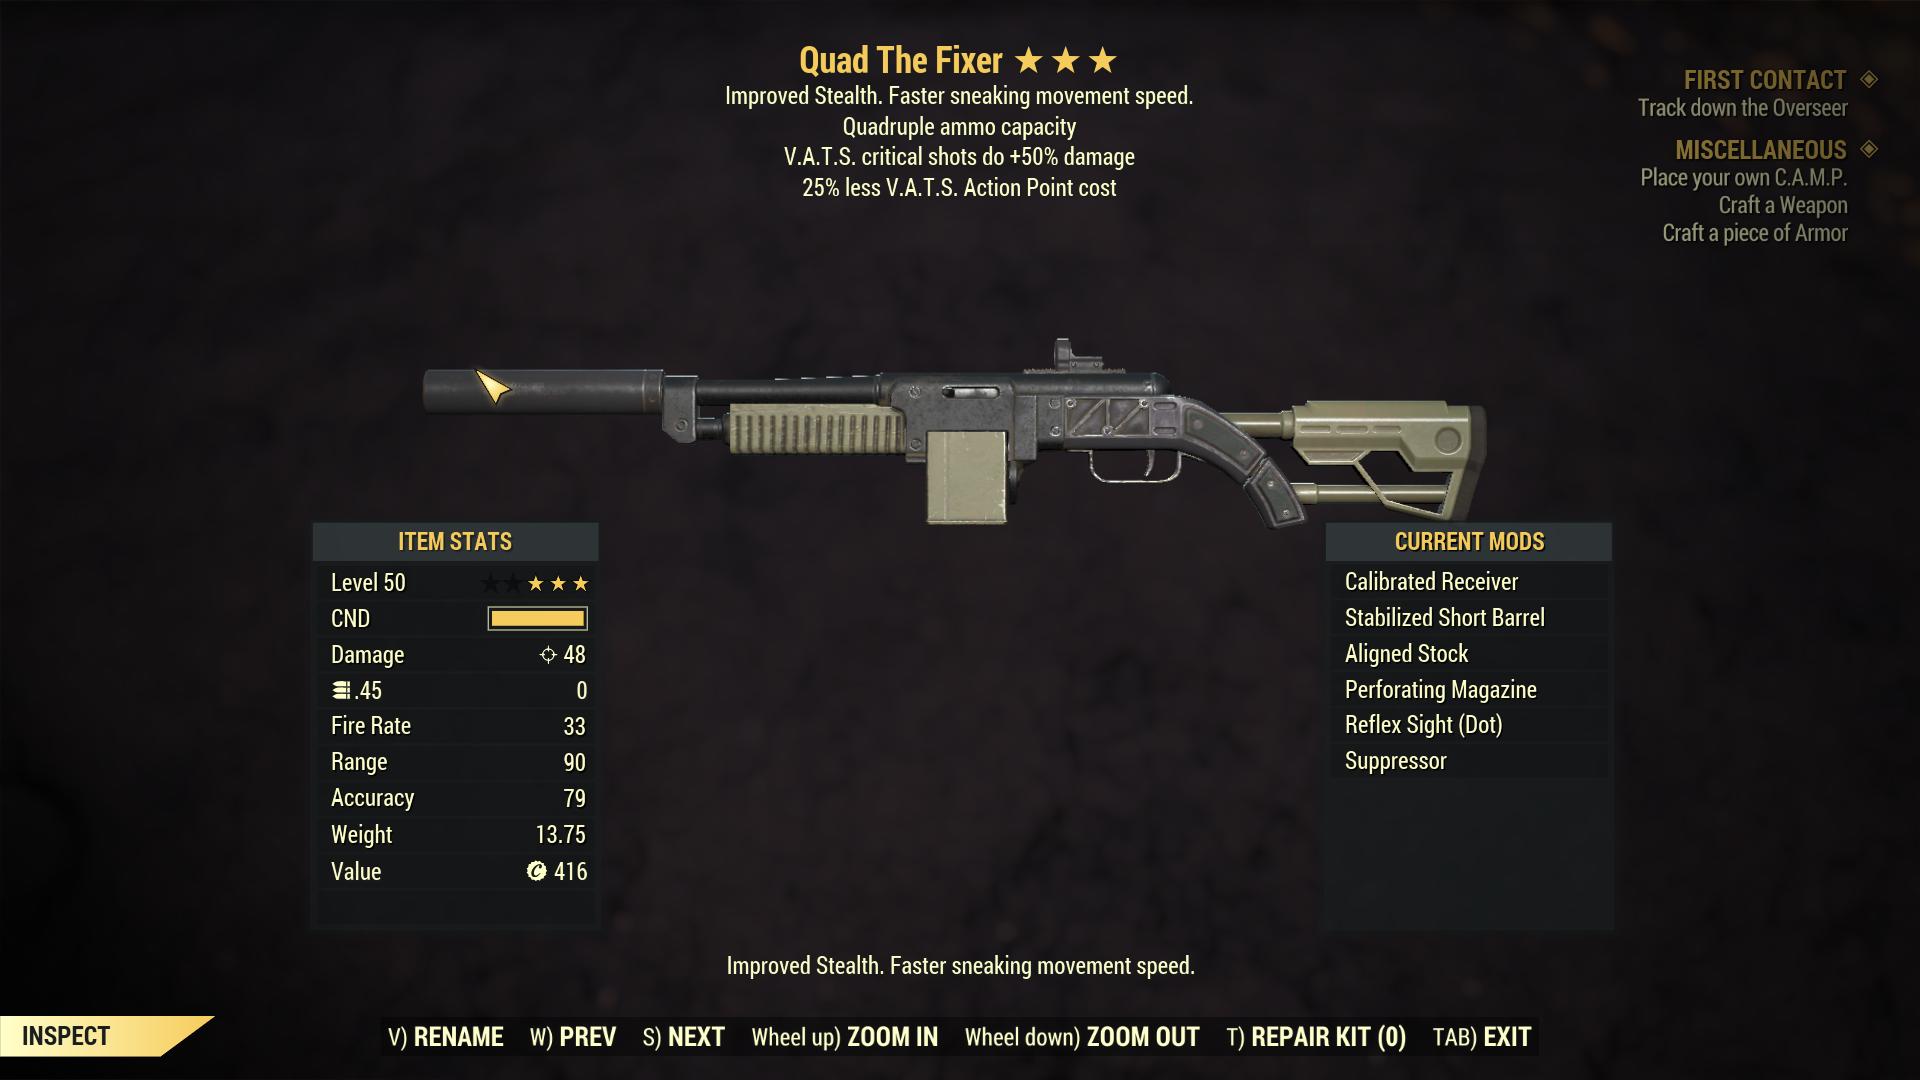 Quad The Fixer (50% critical damage, 25% Less VATS AP Cost)